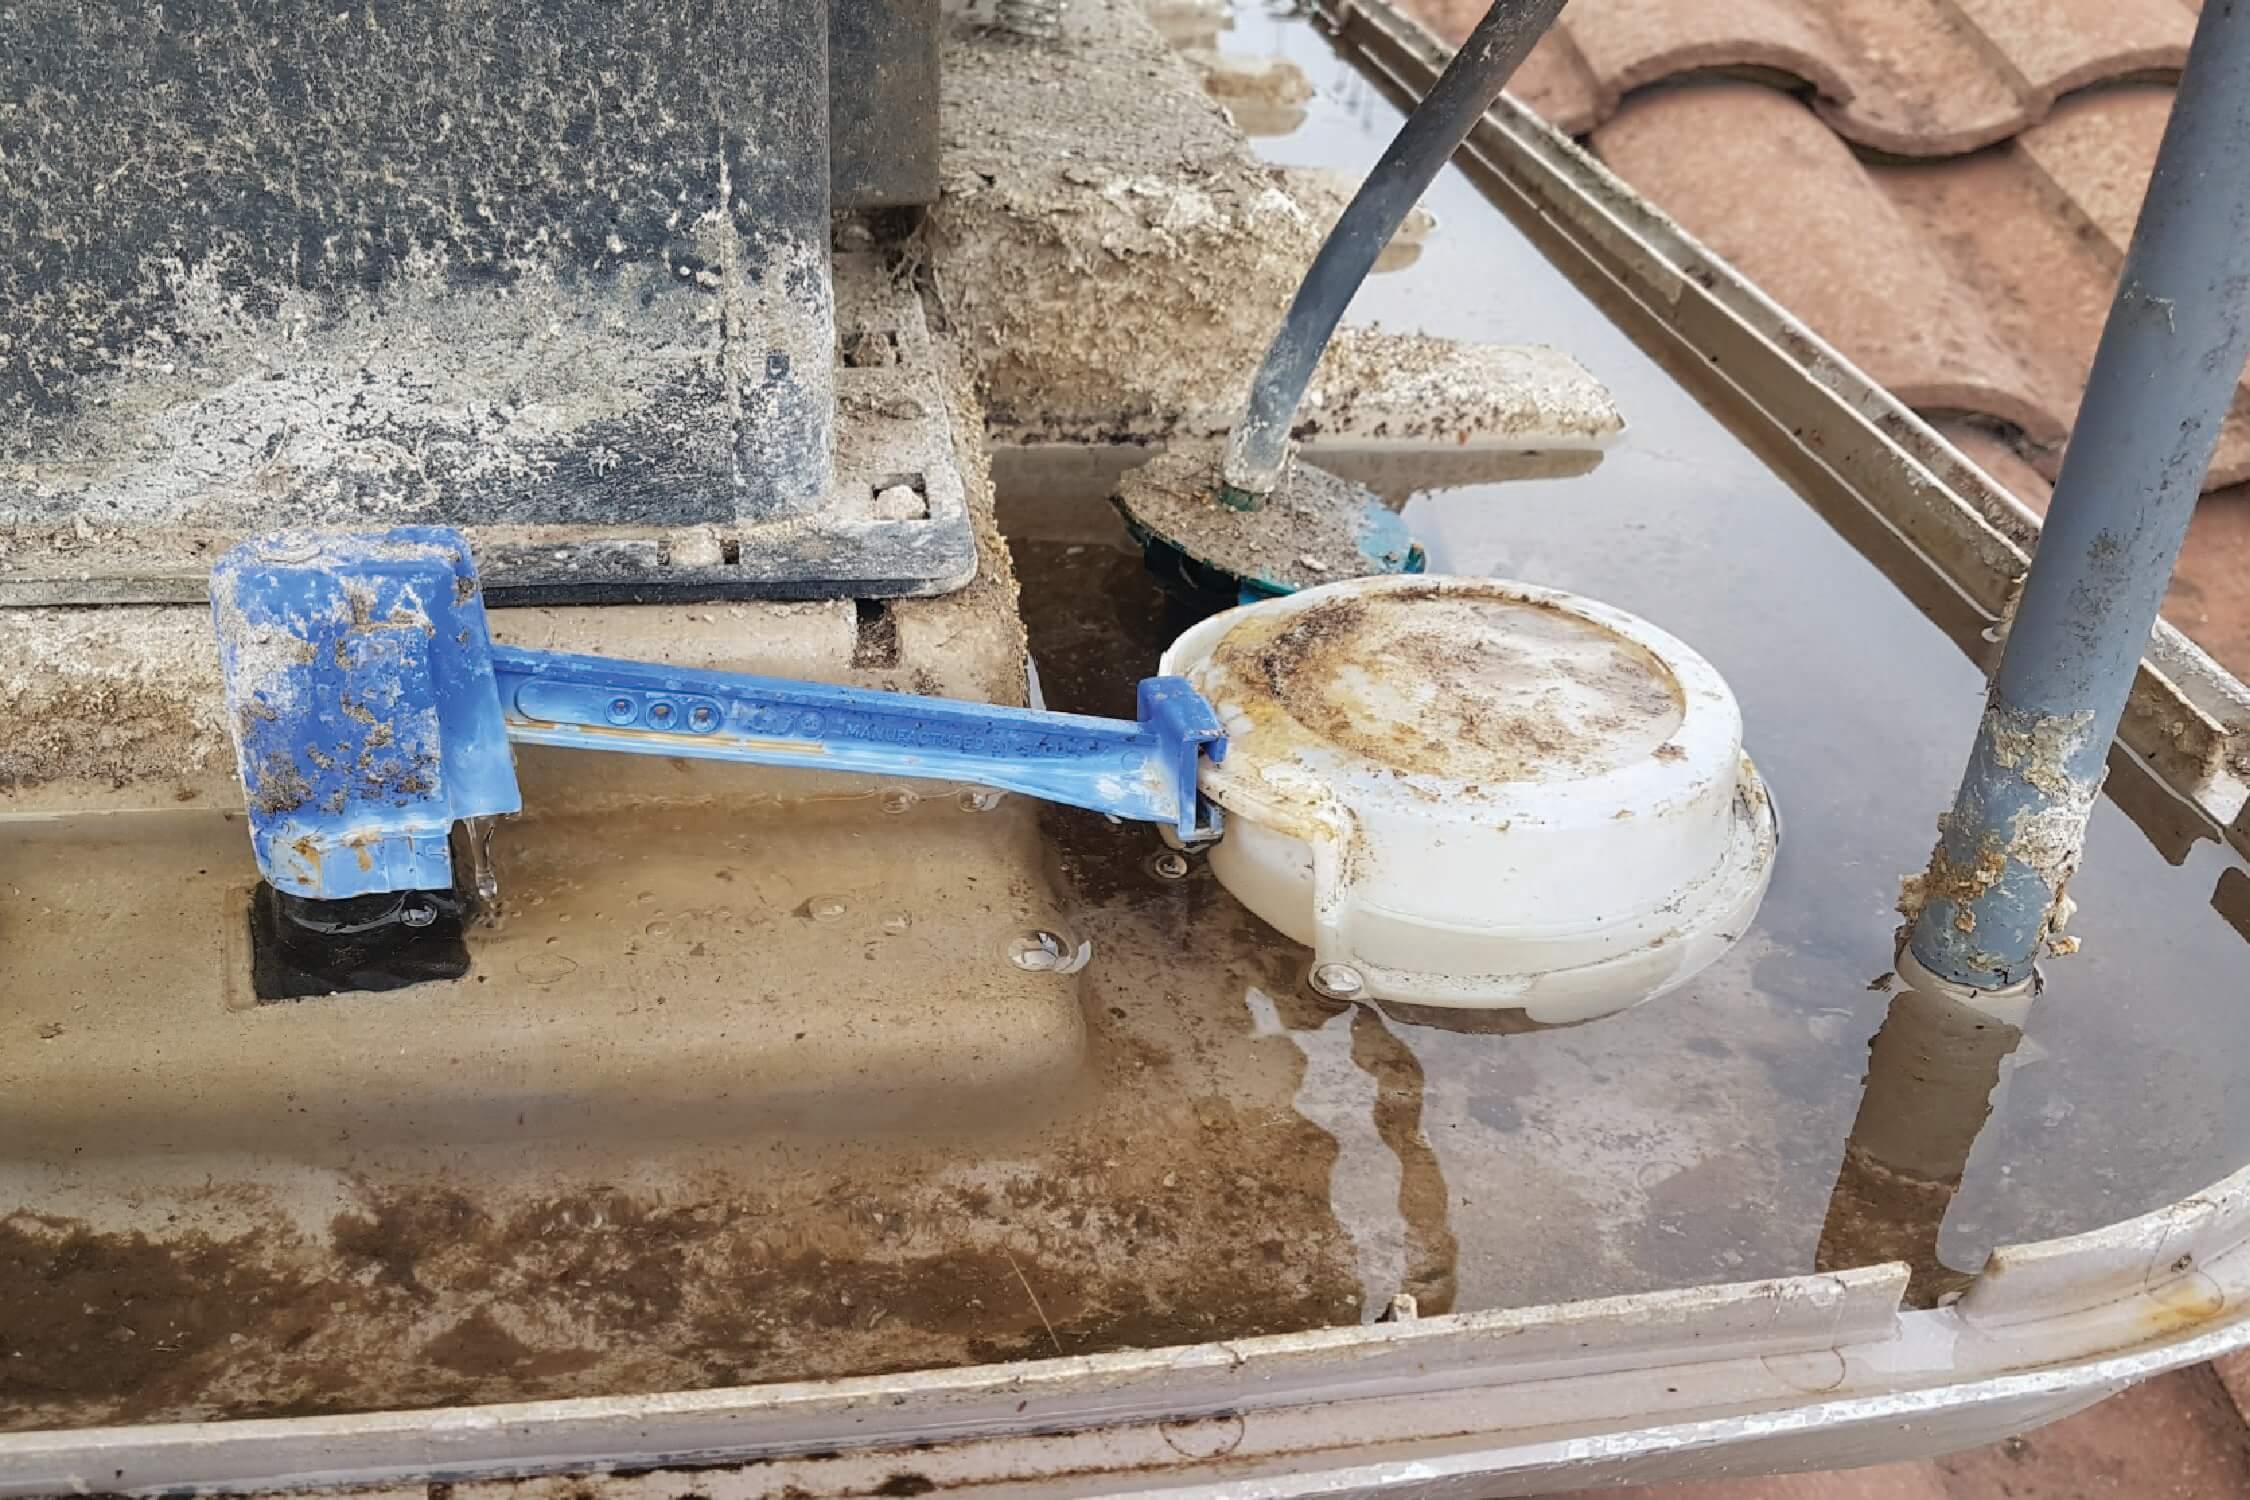 Evap water leak fixed